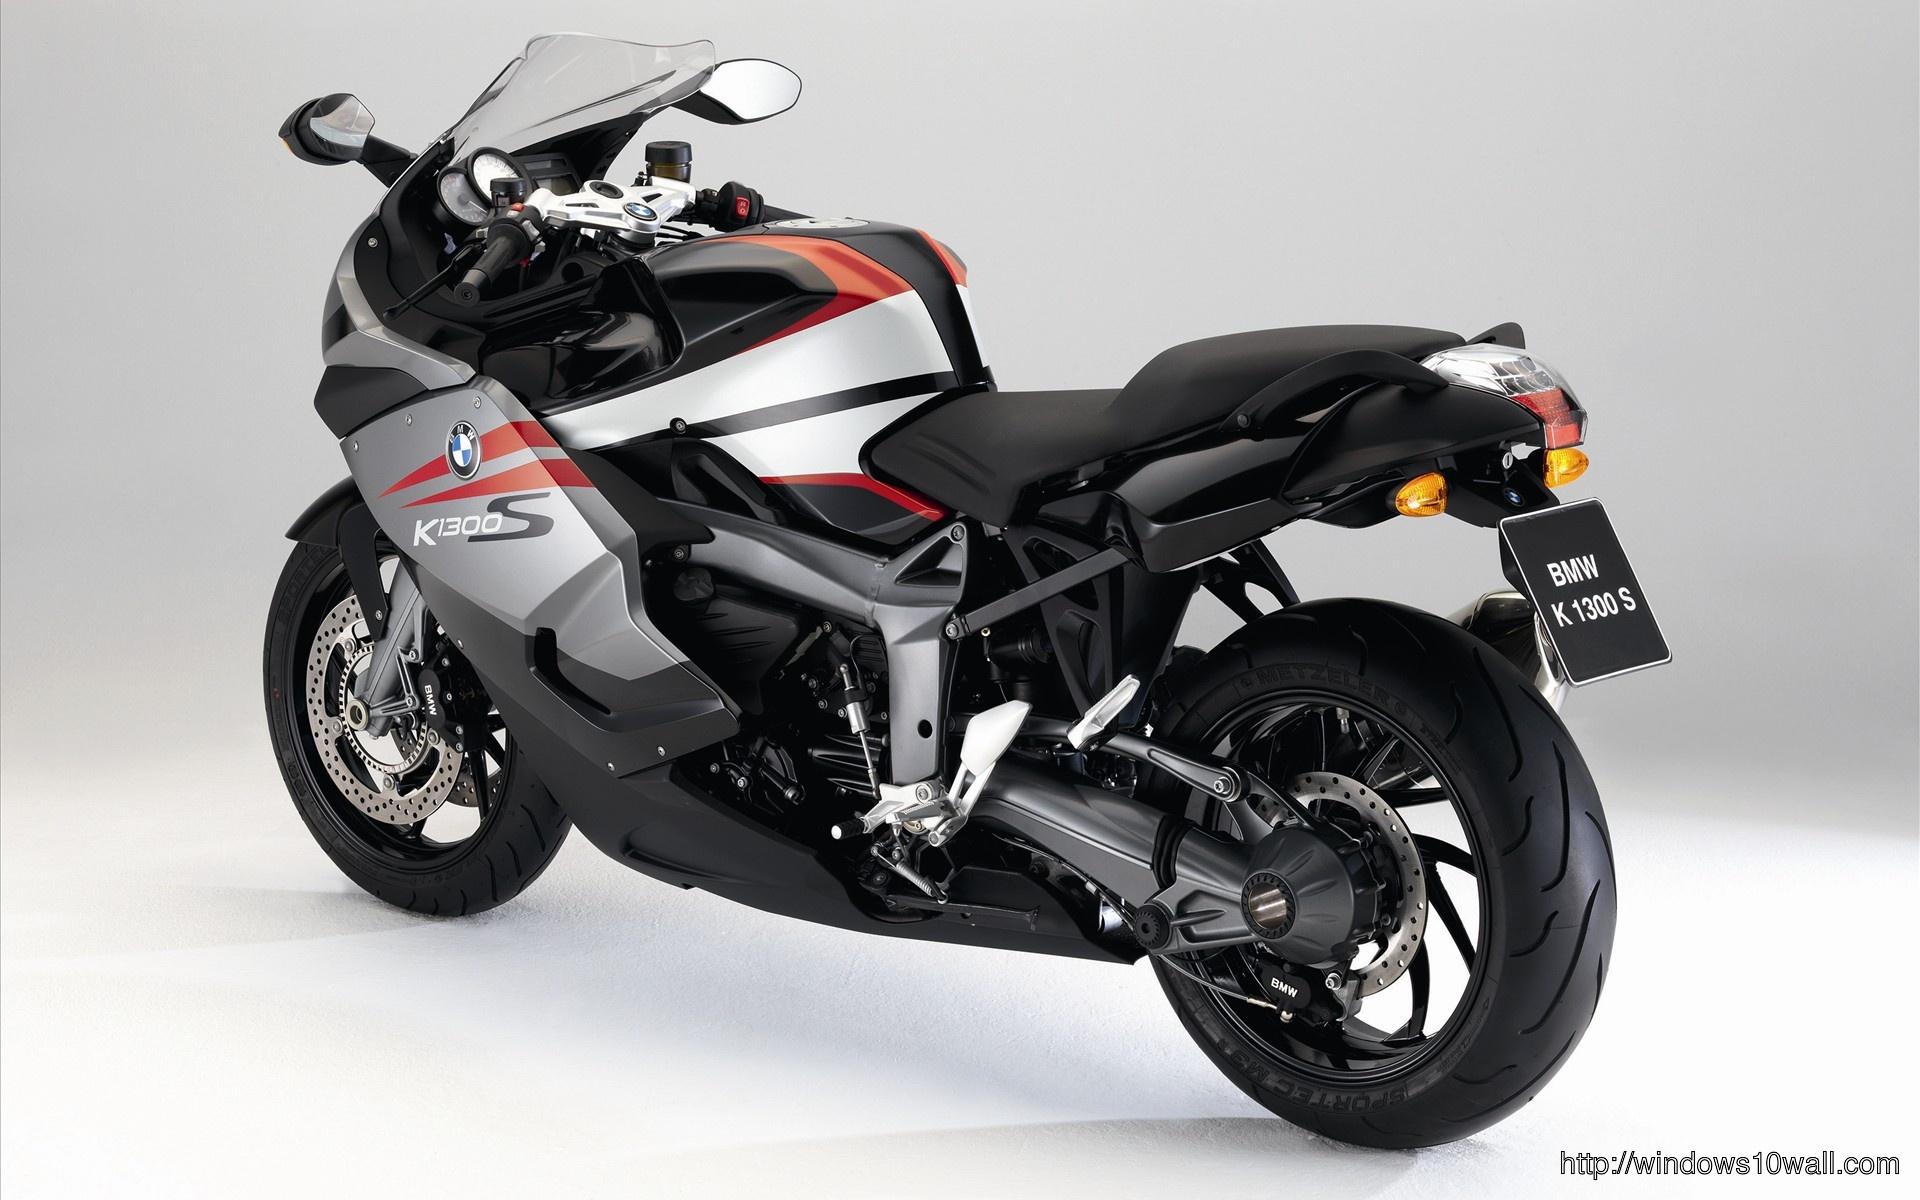 Bmw K 1200 S Bike